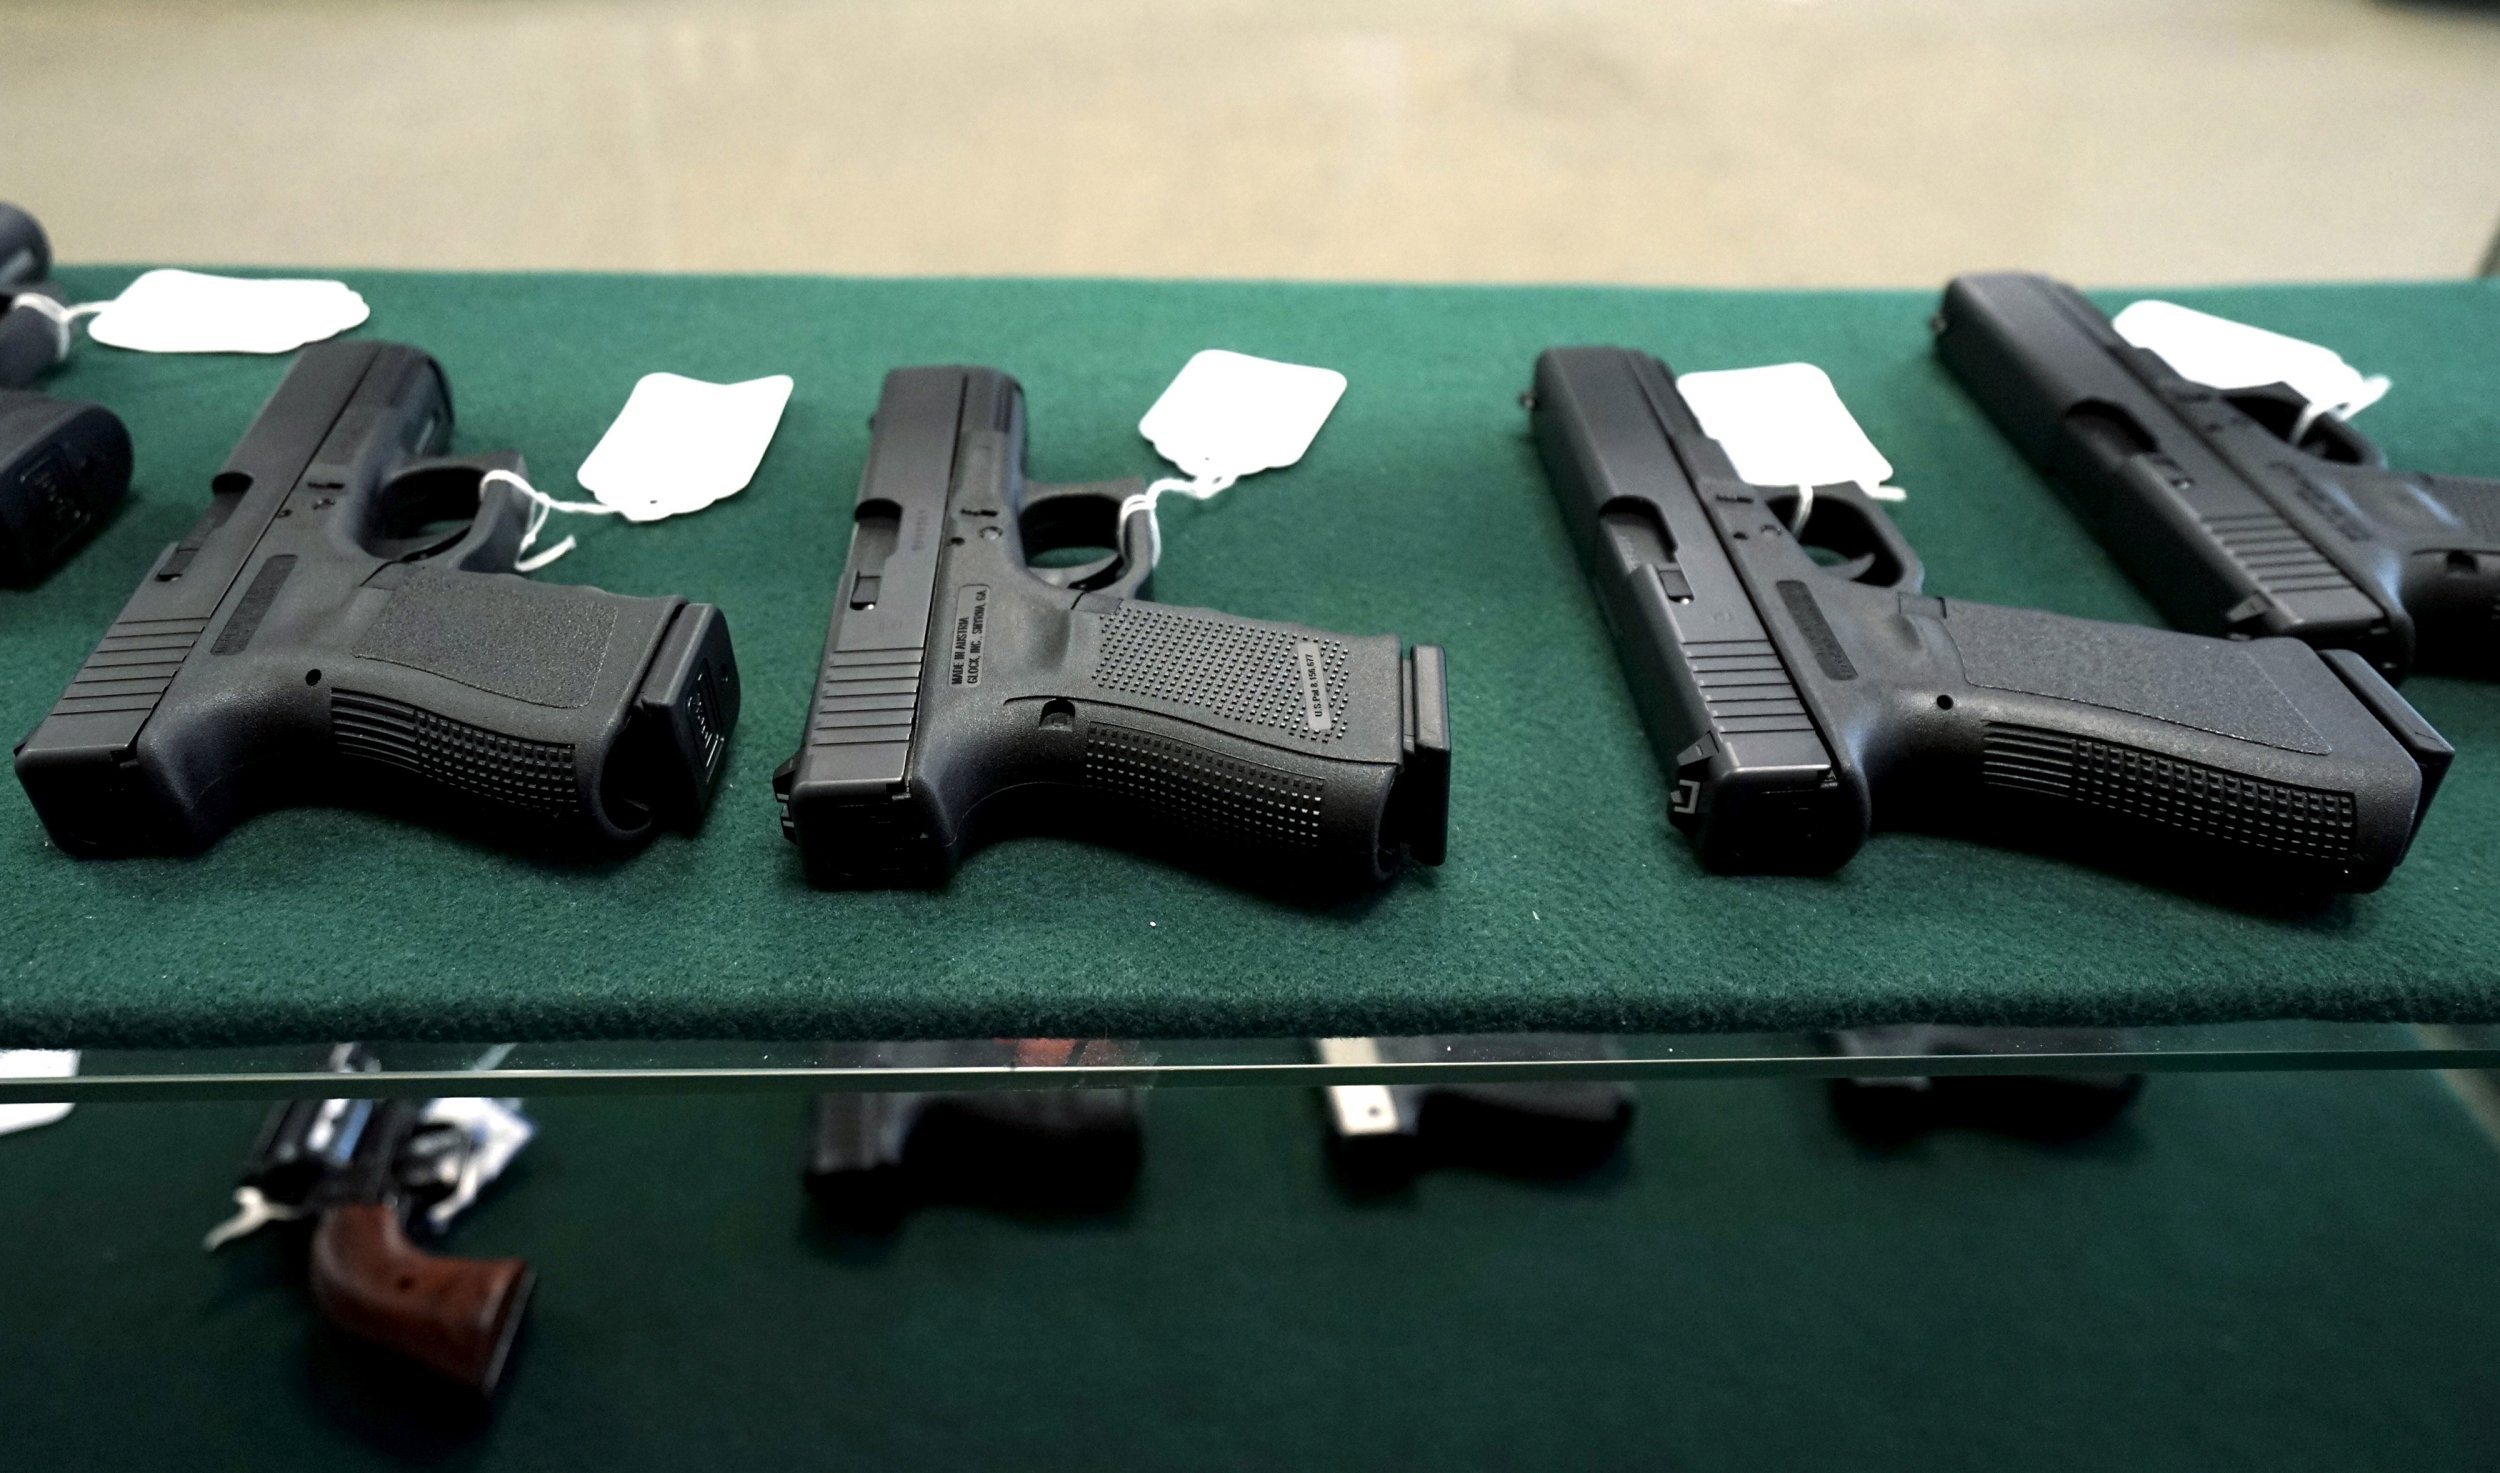 guns_accidental_deaths_violent_injuries